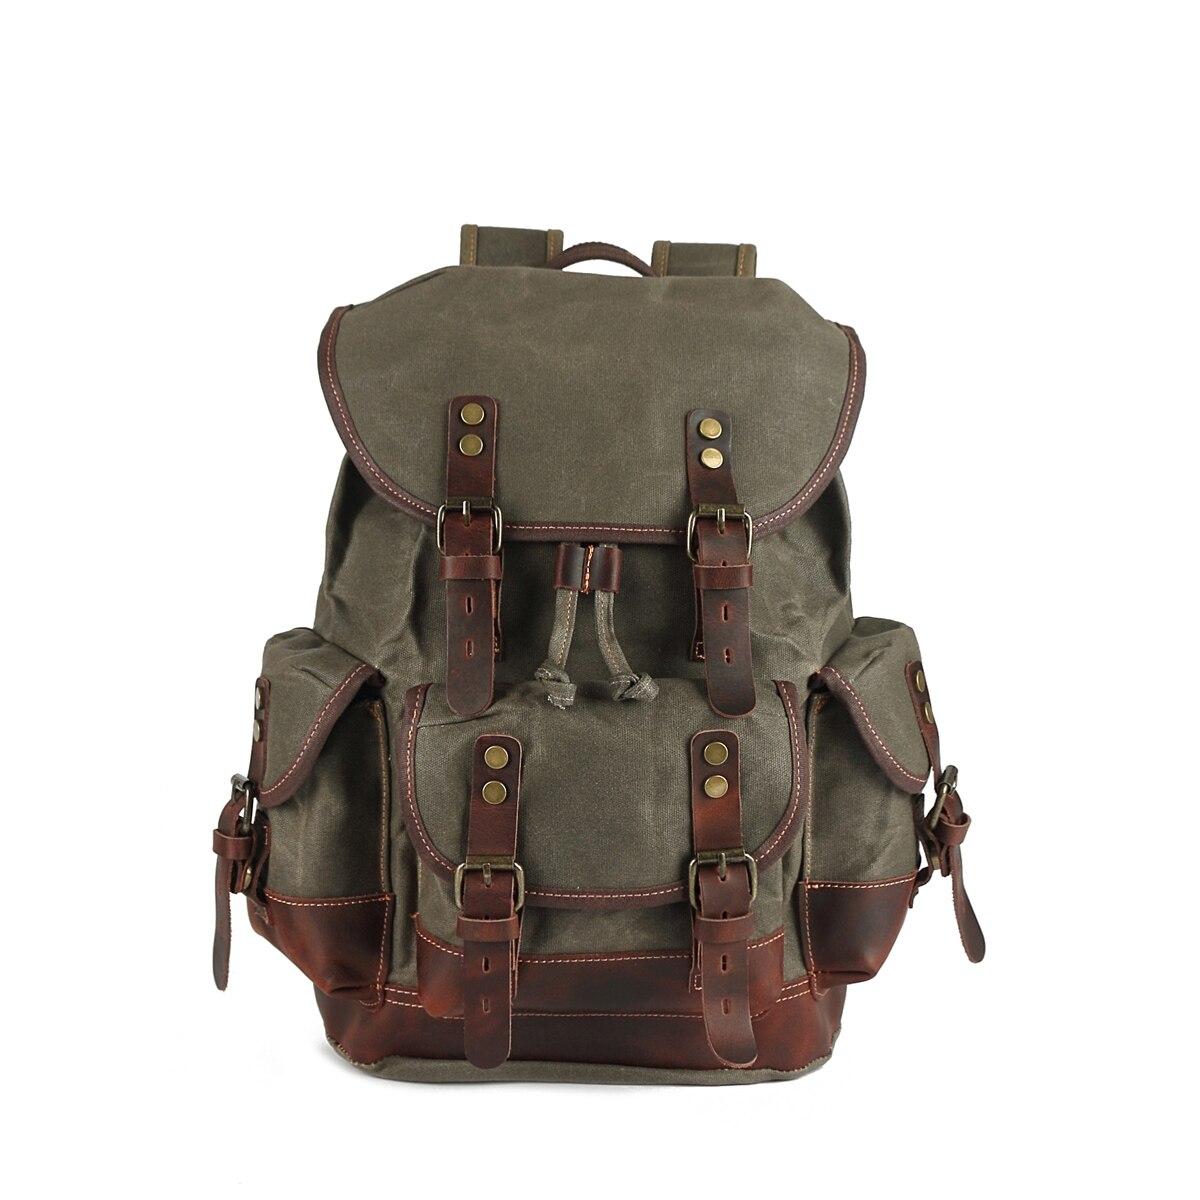 Рюкзак YUPINXUAN мужской для ноутбука 15,6 дюйма, Водонепроницаемый Холщовый кожаный рюкзак, вместительные дорожные сумки